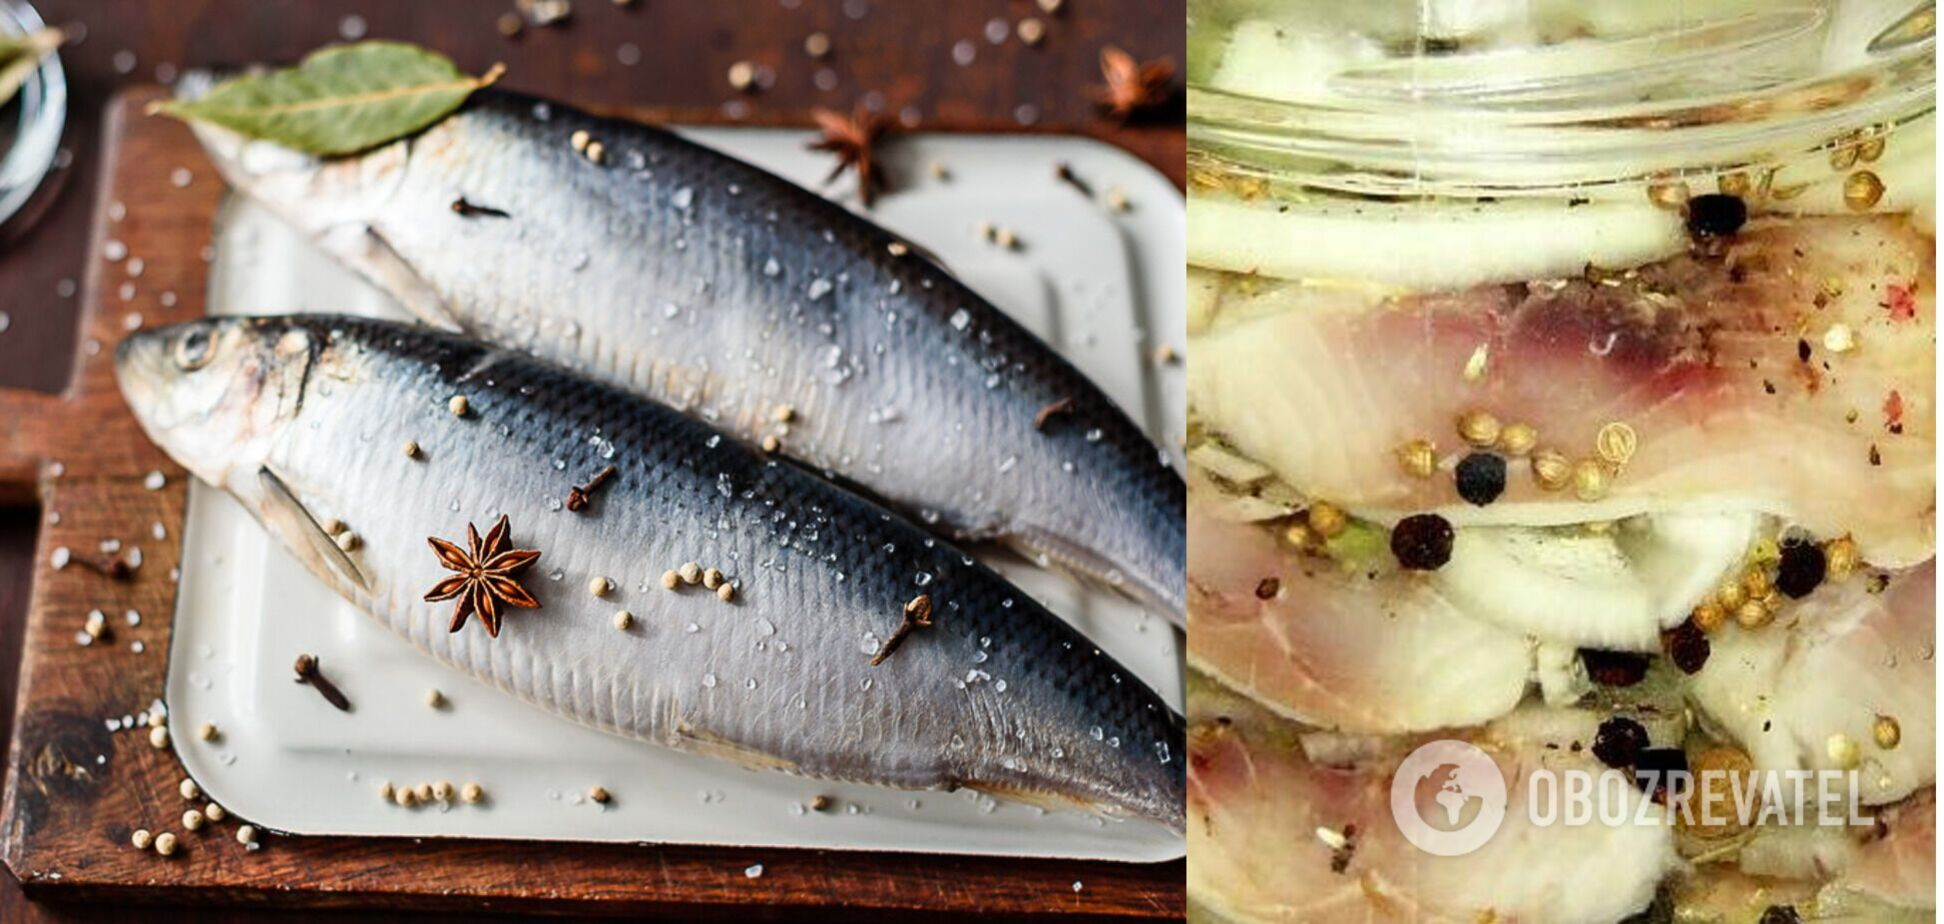 Недорогая рыба, в которой присутствуют все необходимые микроэлементы